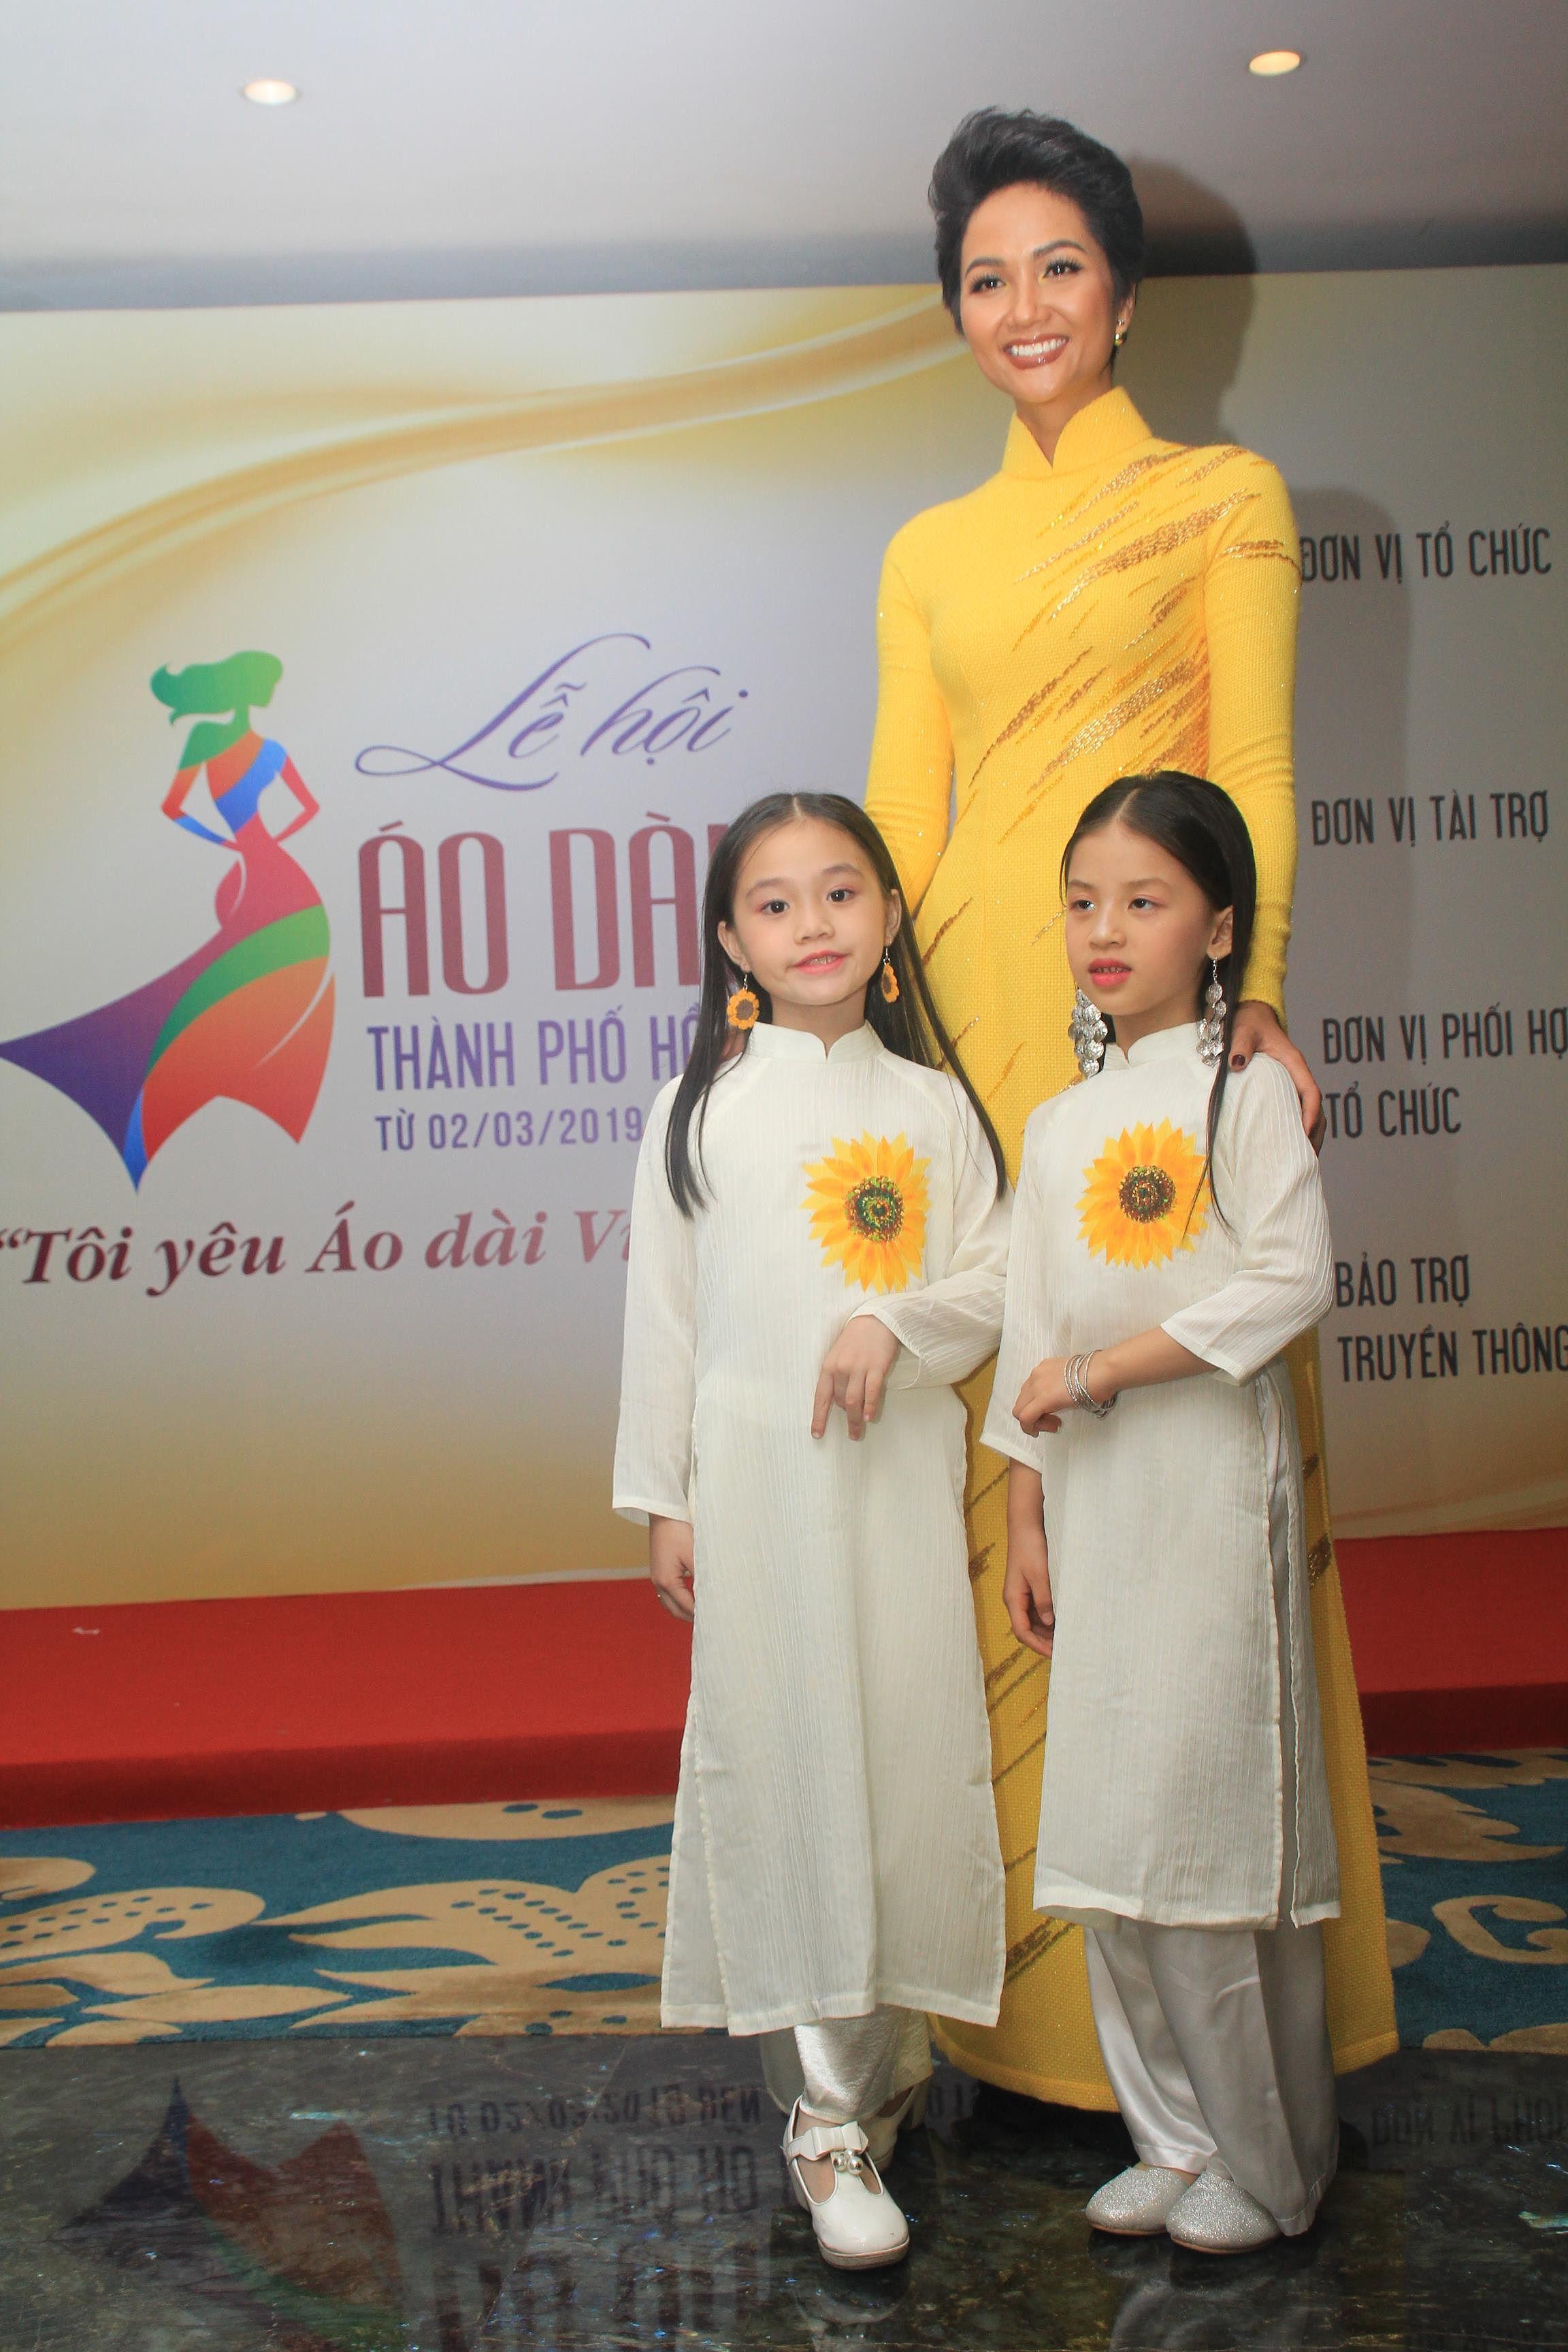 H'Hen Niê lộng lẫy diễn catwalk đêm bế mạc Lễ hội Áo dài TPHCM 2019 Ảnh 12